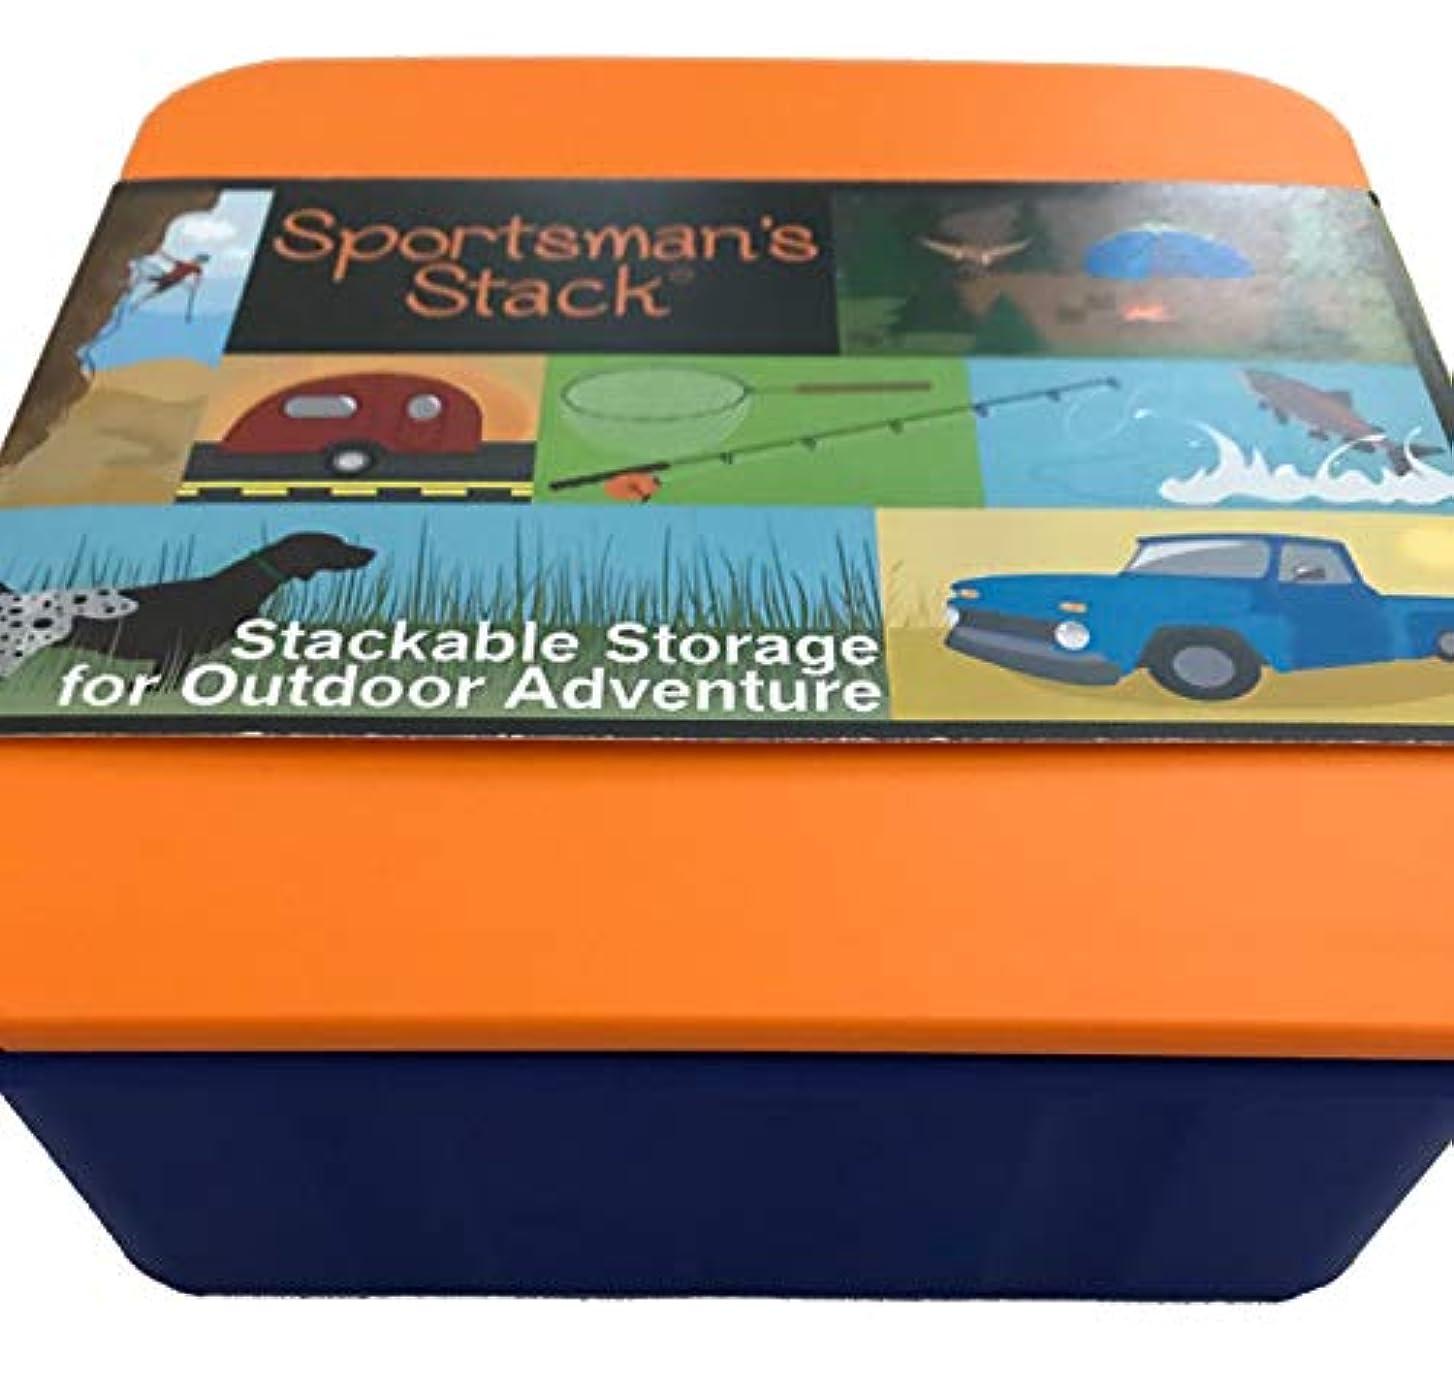 説明的勇気のある見積りSportsman's Stack Noble Industries 拡張可能なストレージキューブ 釣りタックルボックス ハンティングギア アウトドアスポーツ